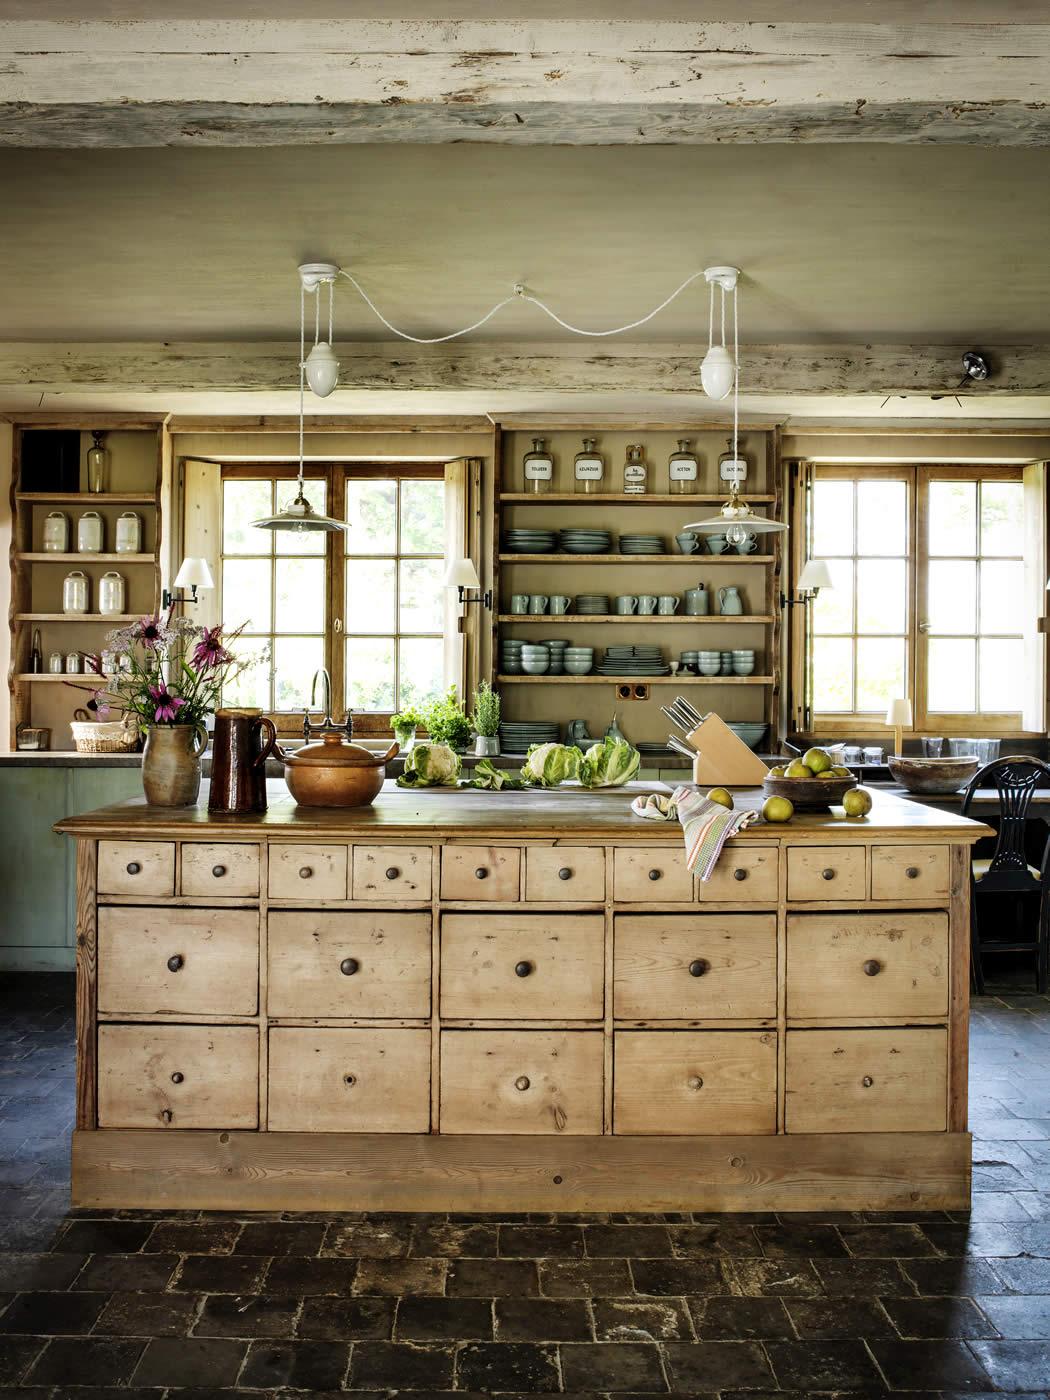 Keuken woonkamer met open keuken galerij foto 39 s van binnenlandse en moderne - Decoratie woonkamer met open keuken ...